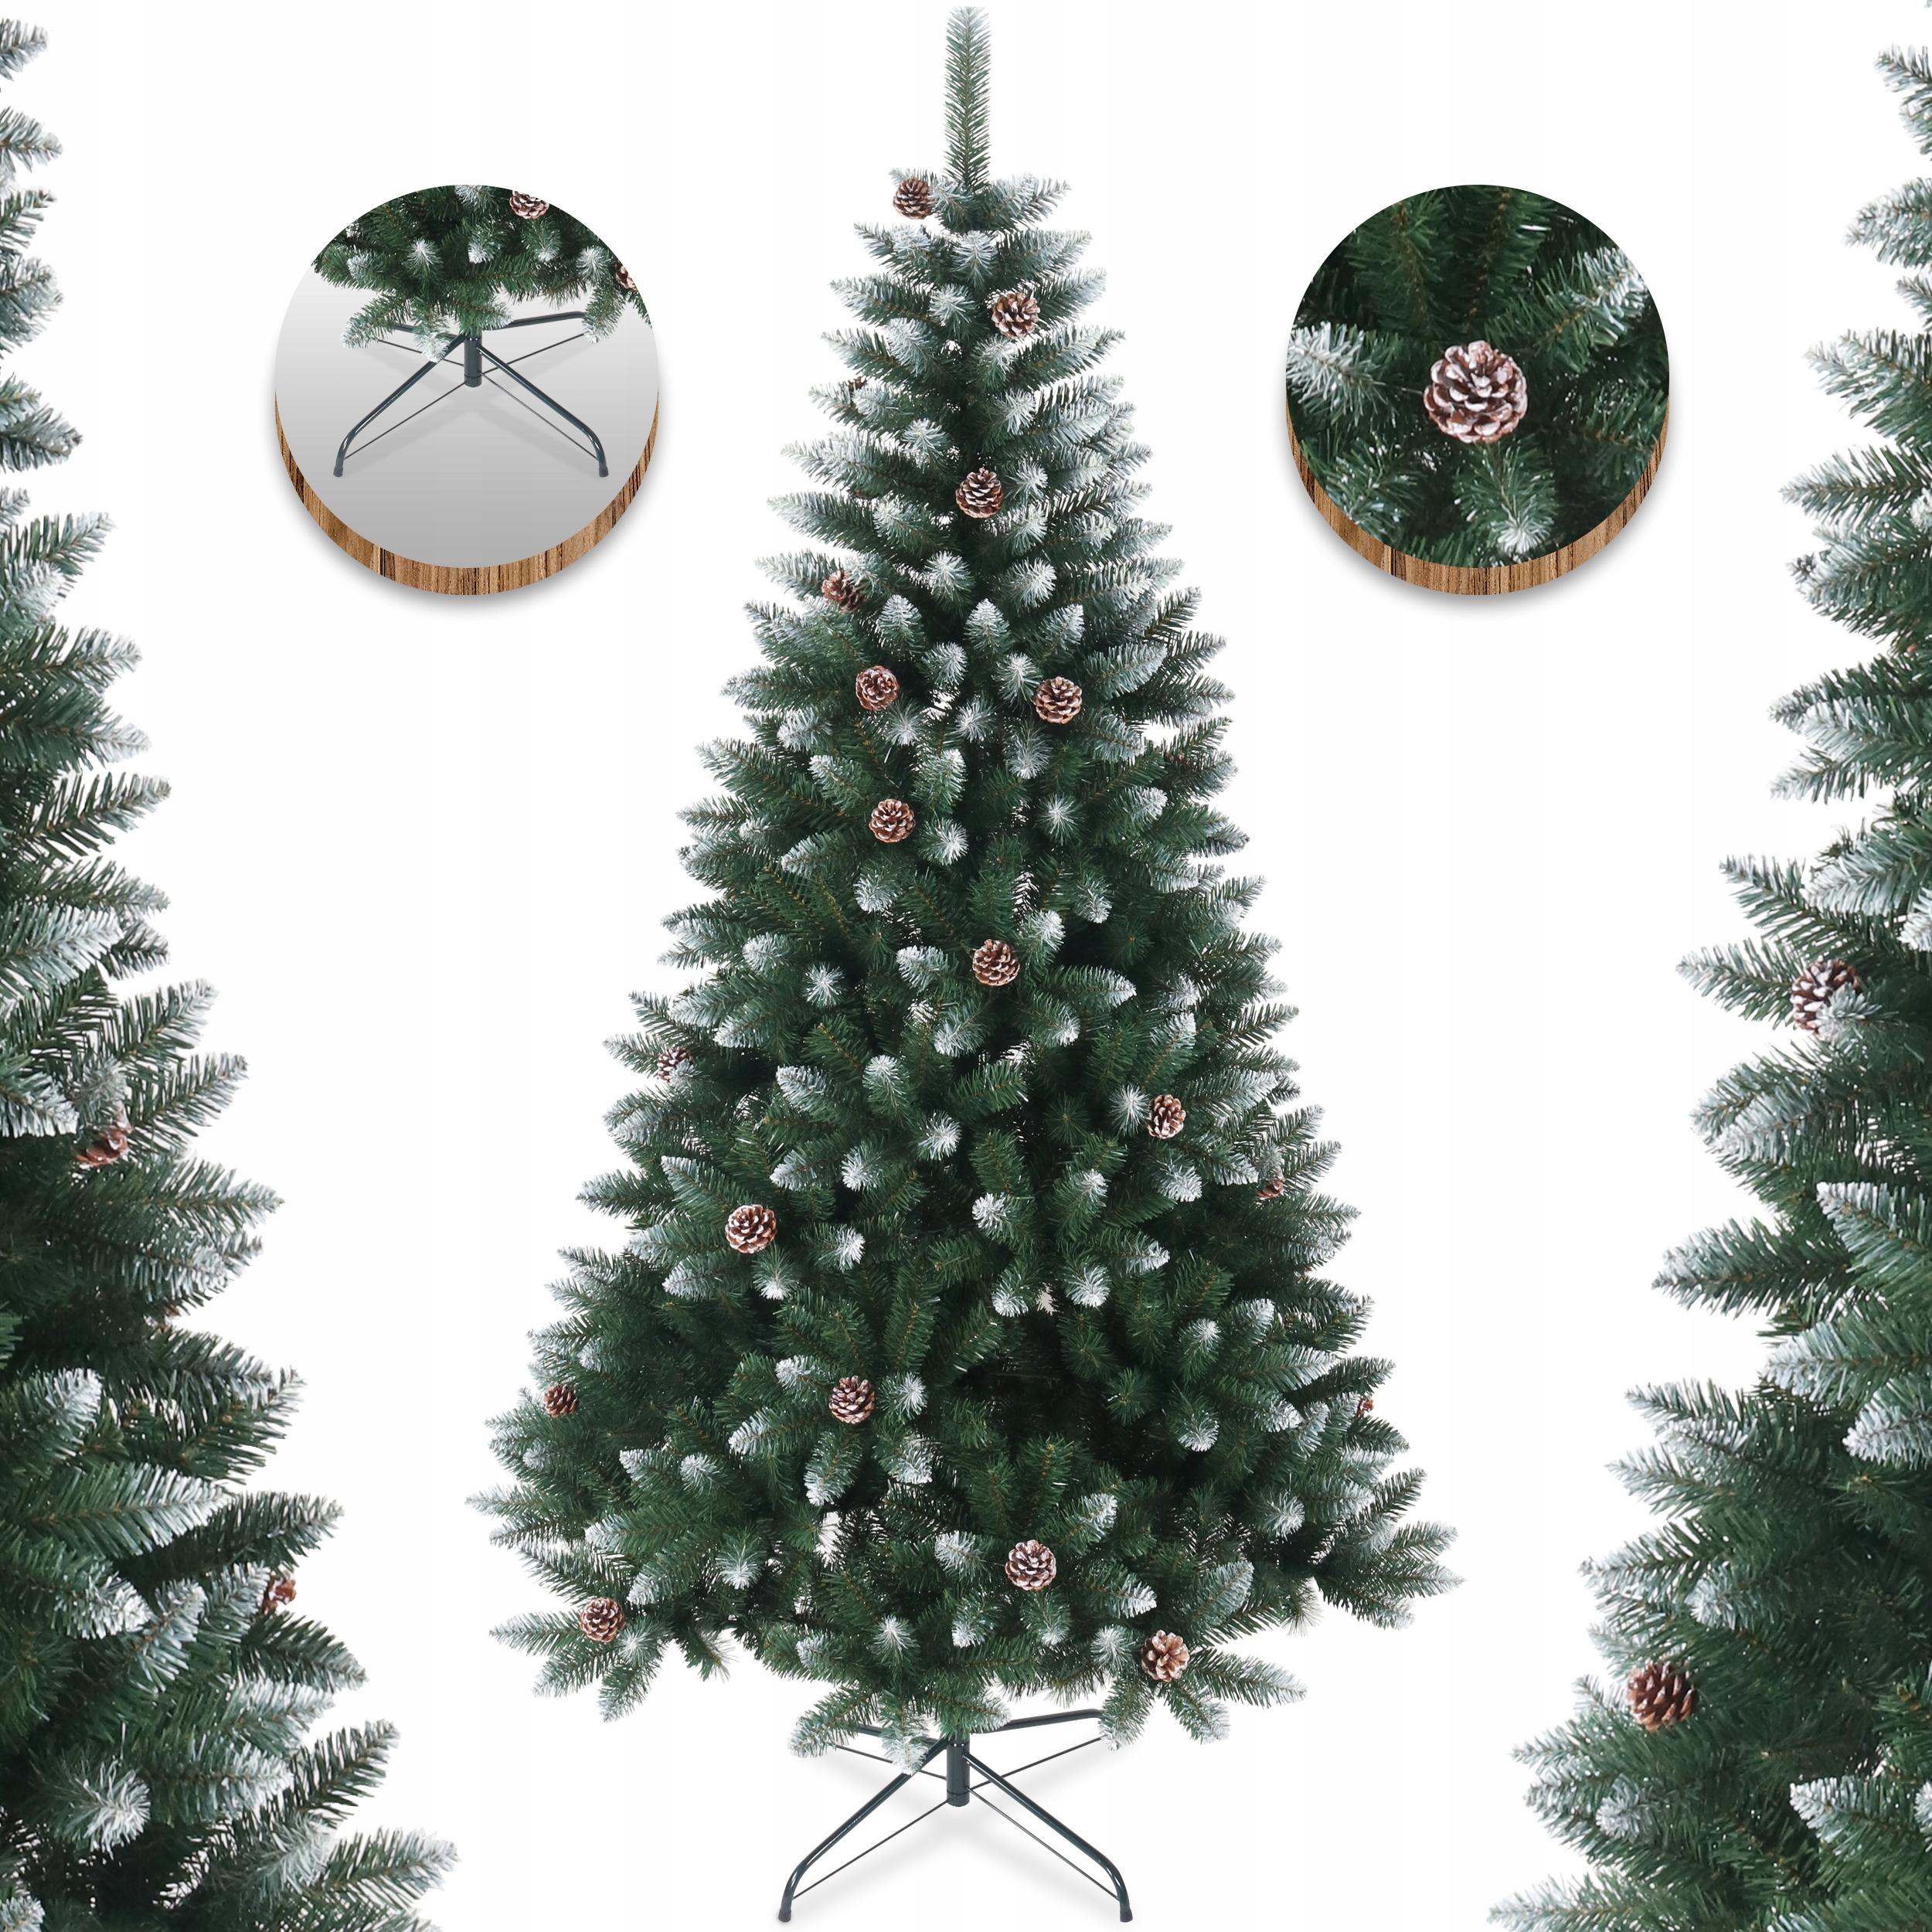 Umelý vianočný stromček na stojane Diamond Pine 210 cm